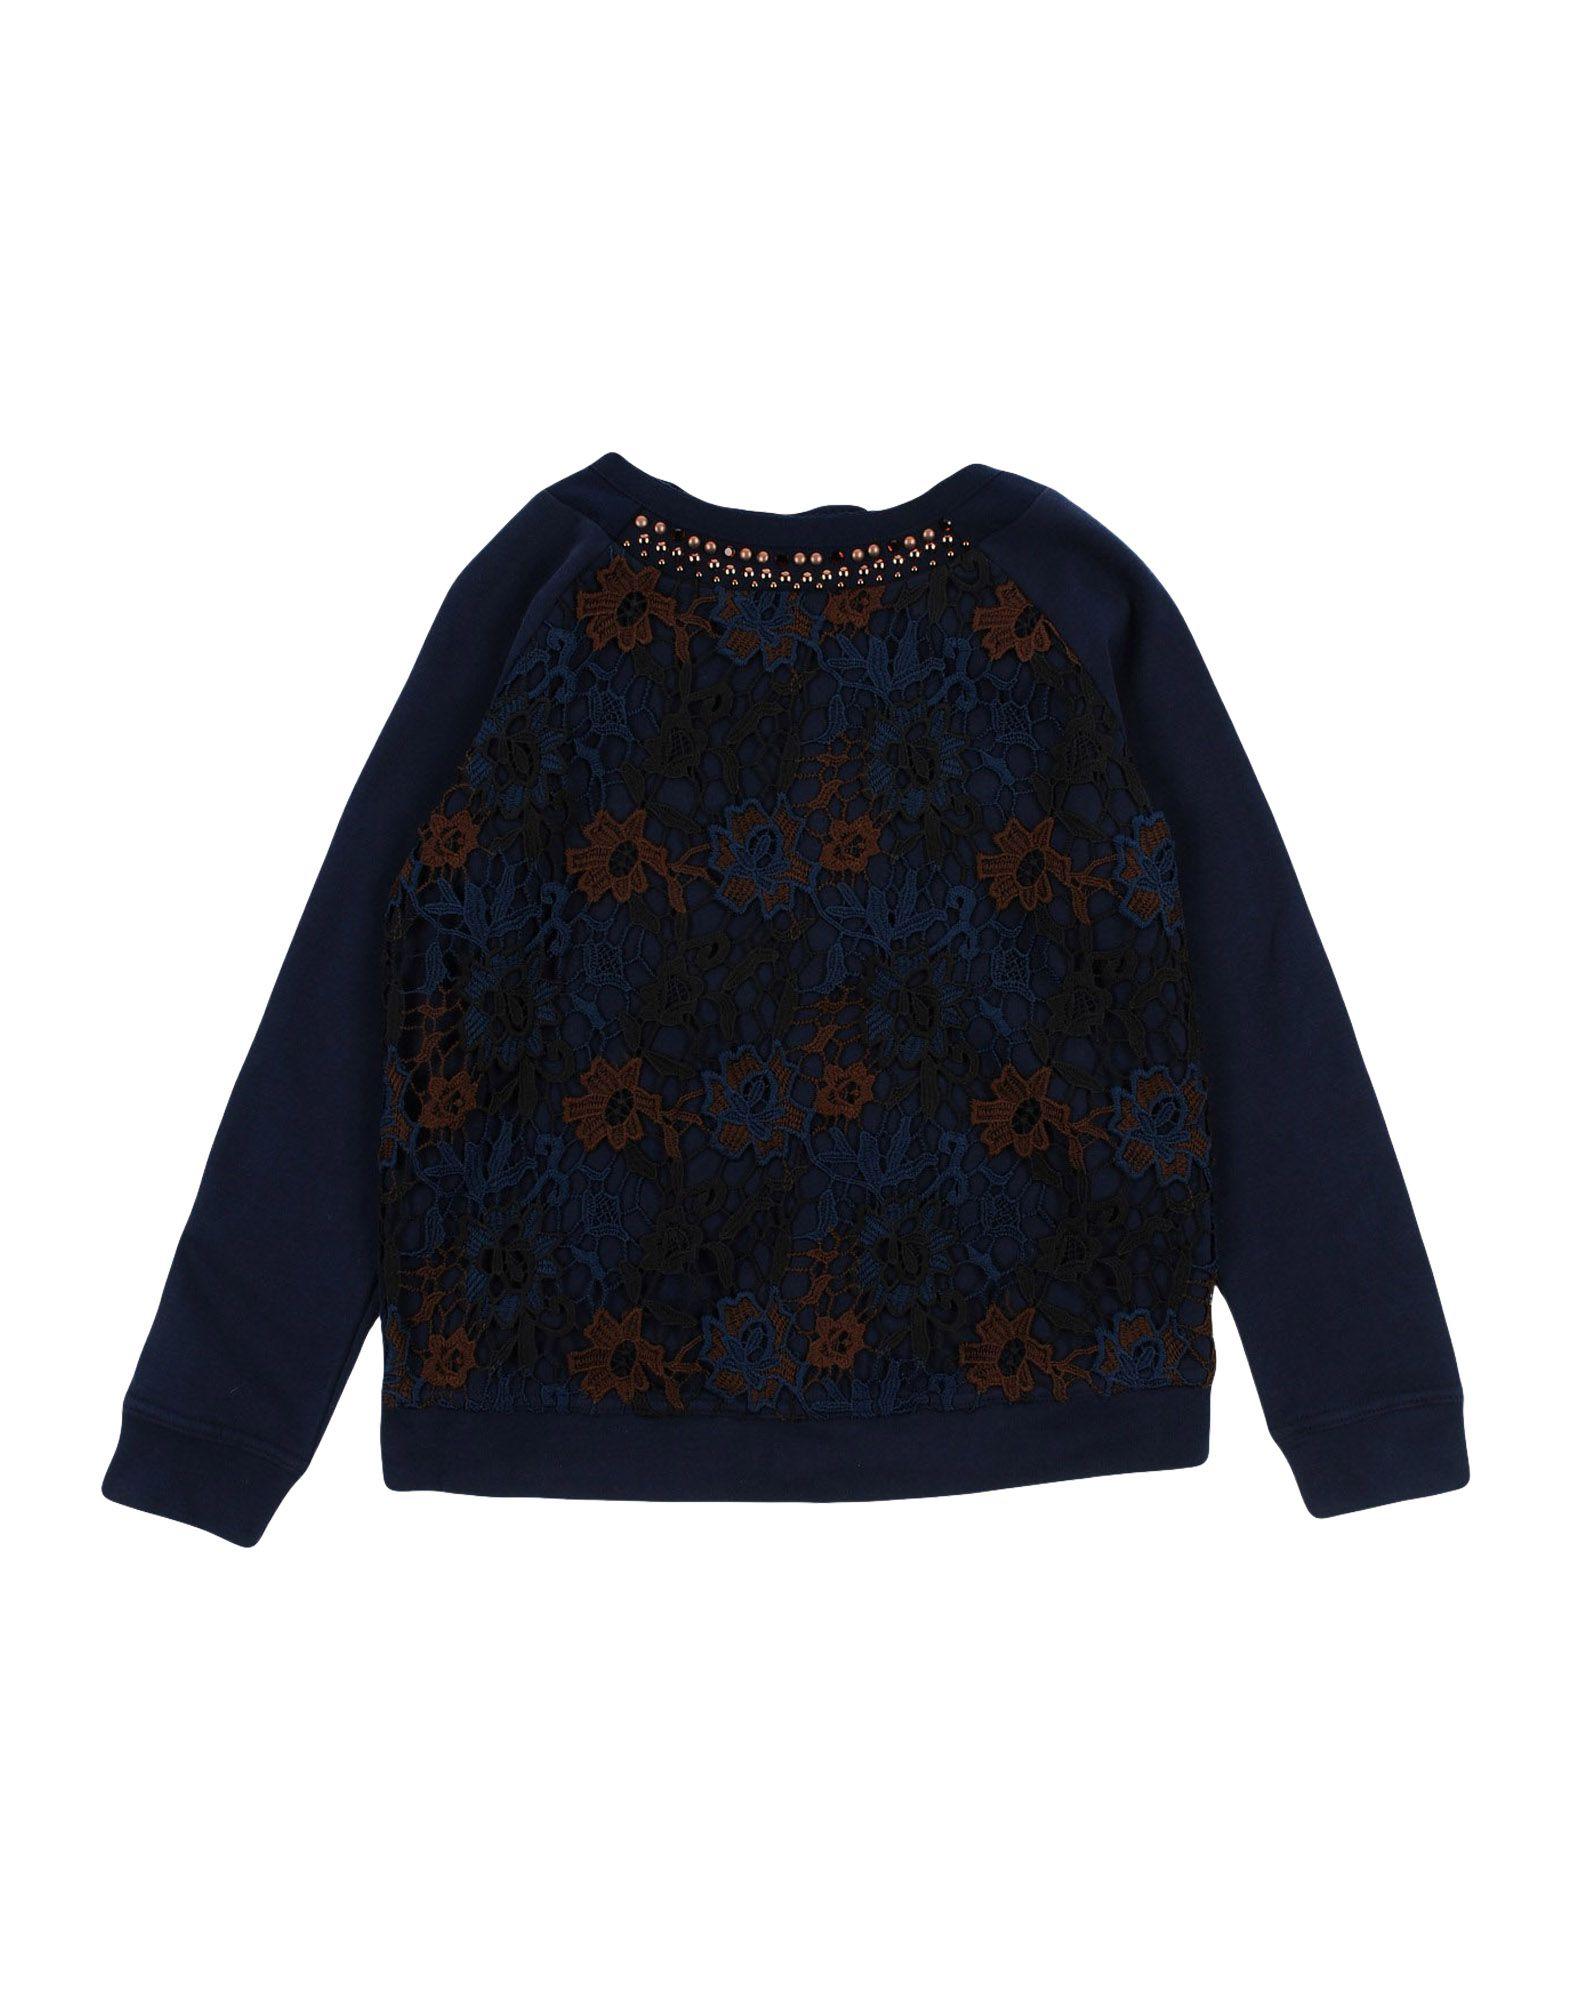 PARROT Sweatshirt in Dark Blue